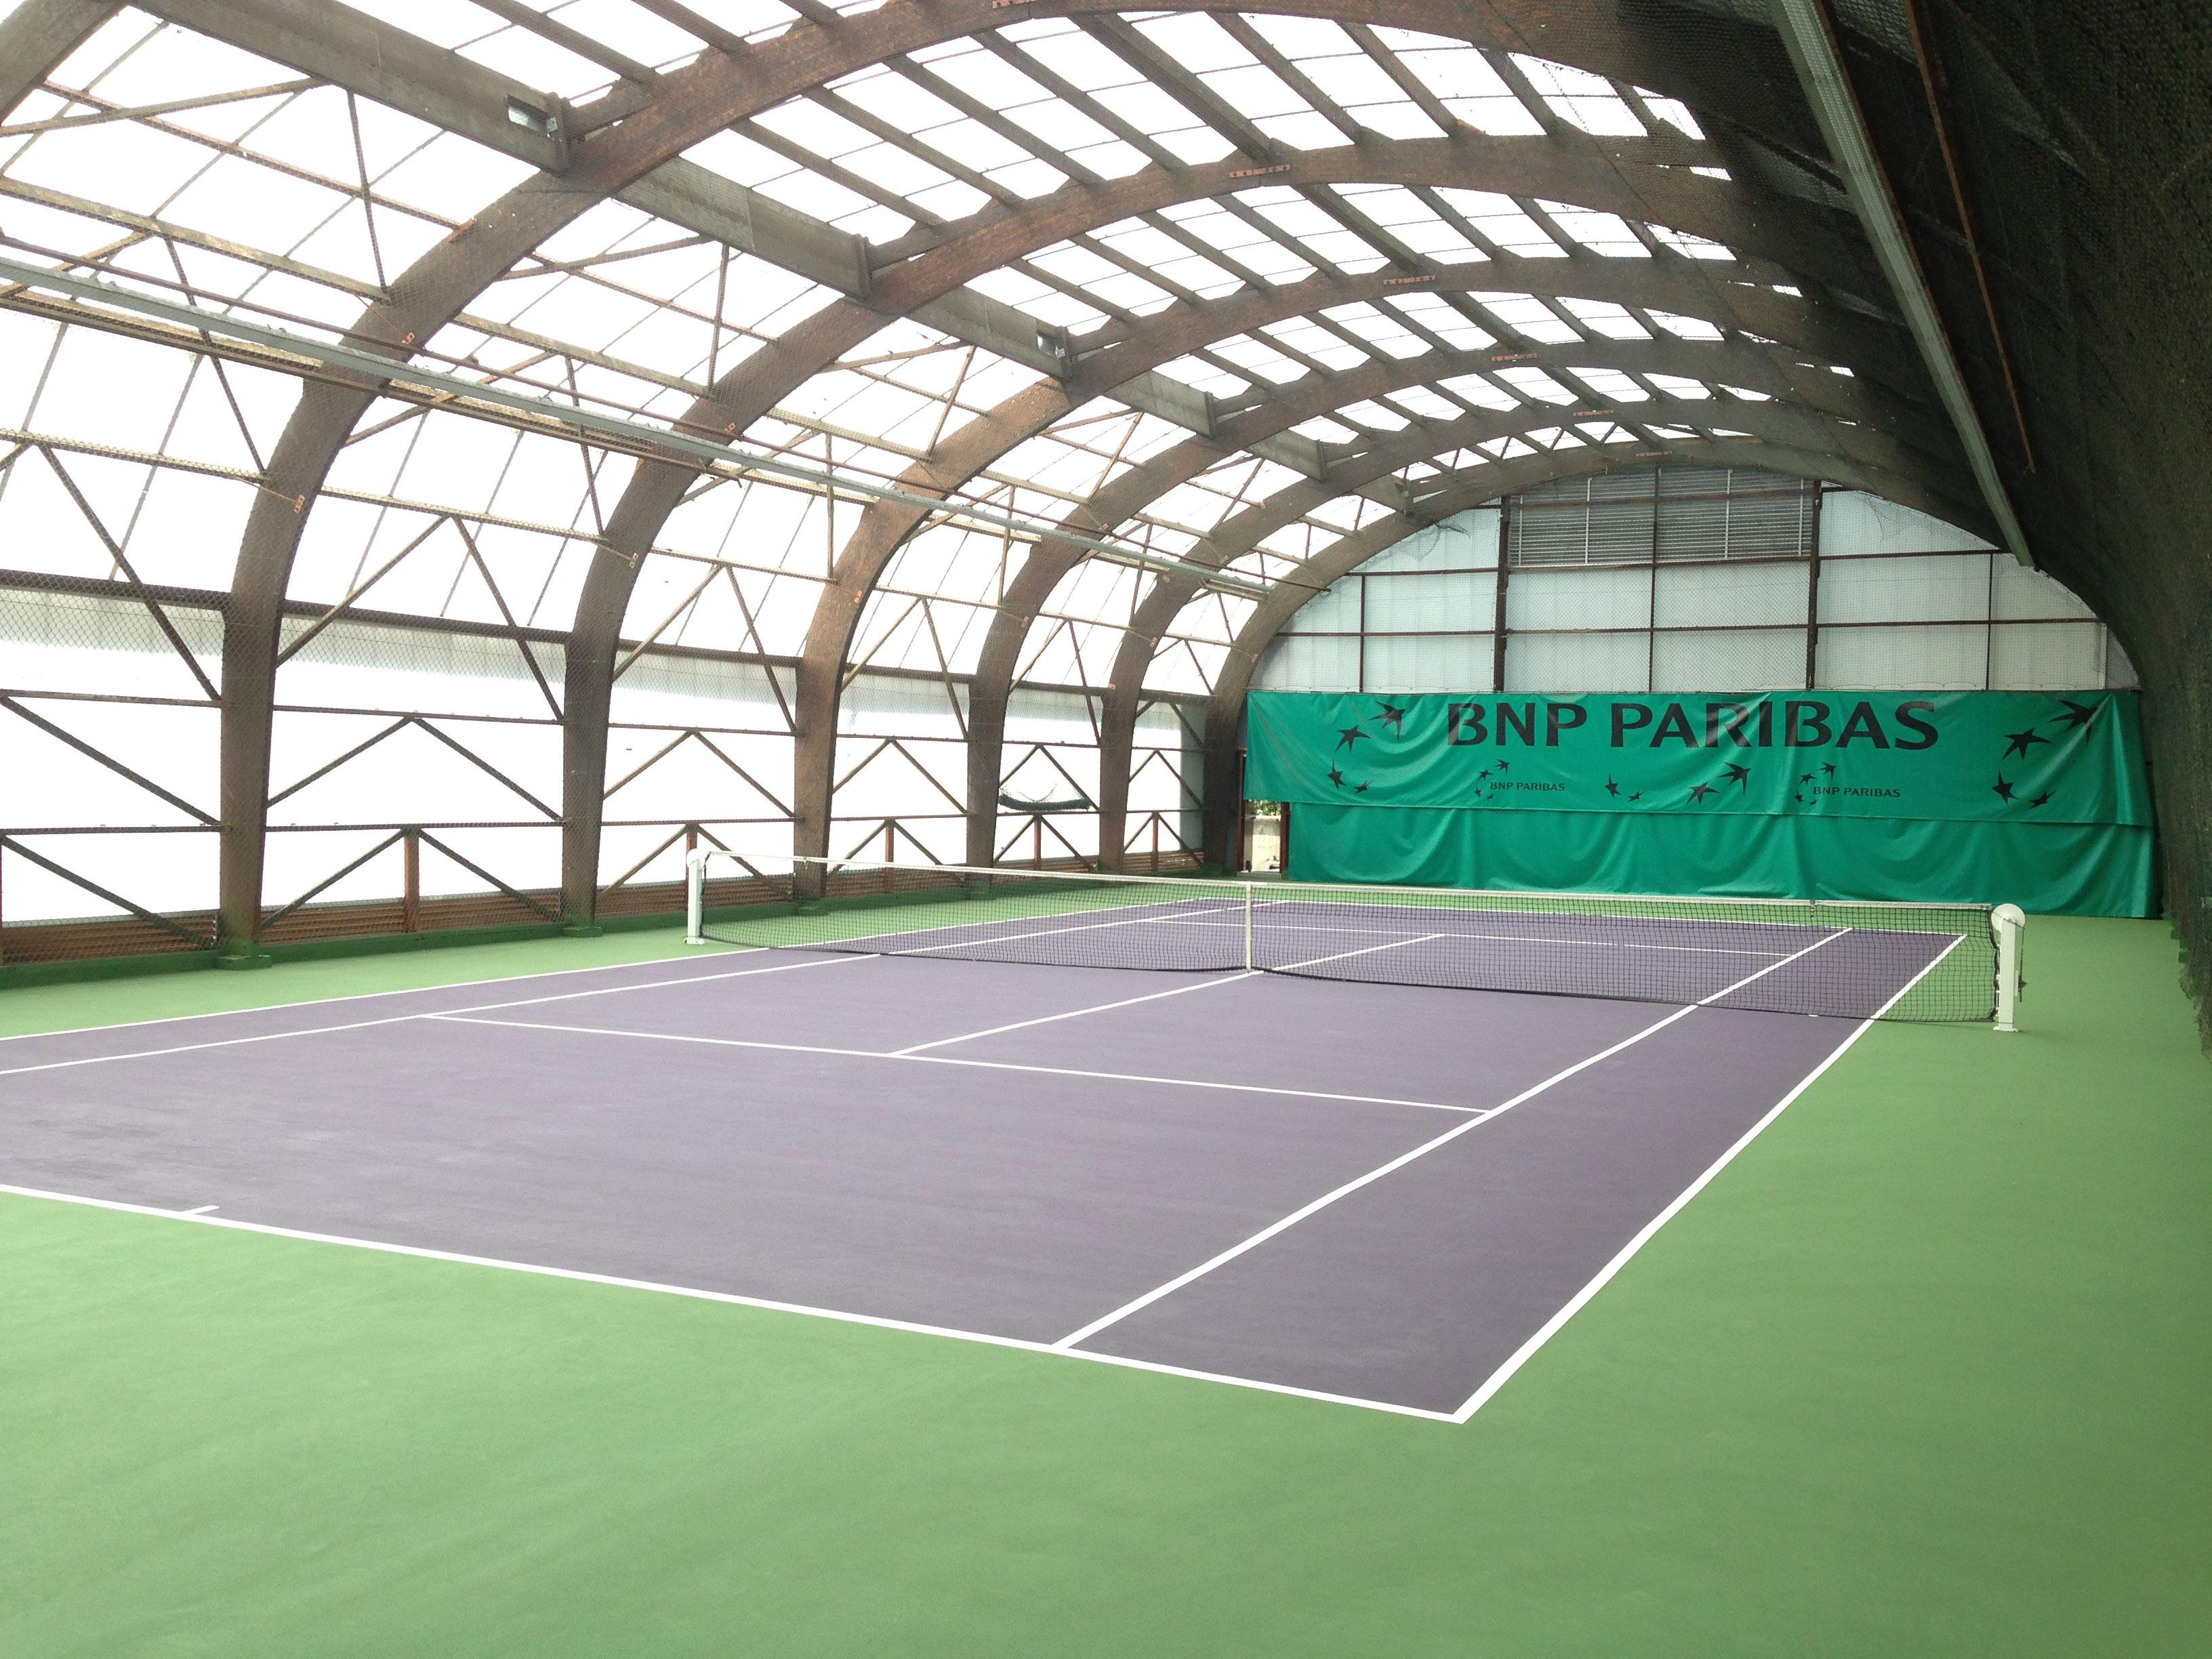 tennis-couvert-paris